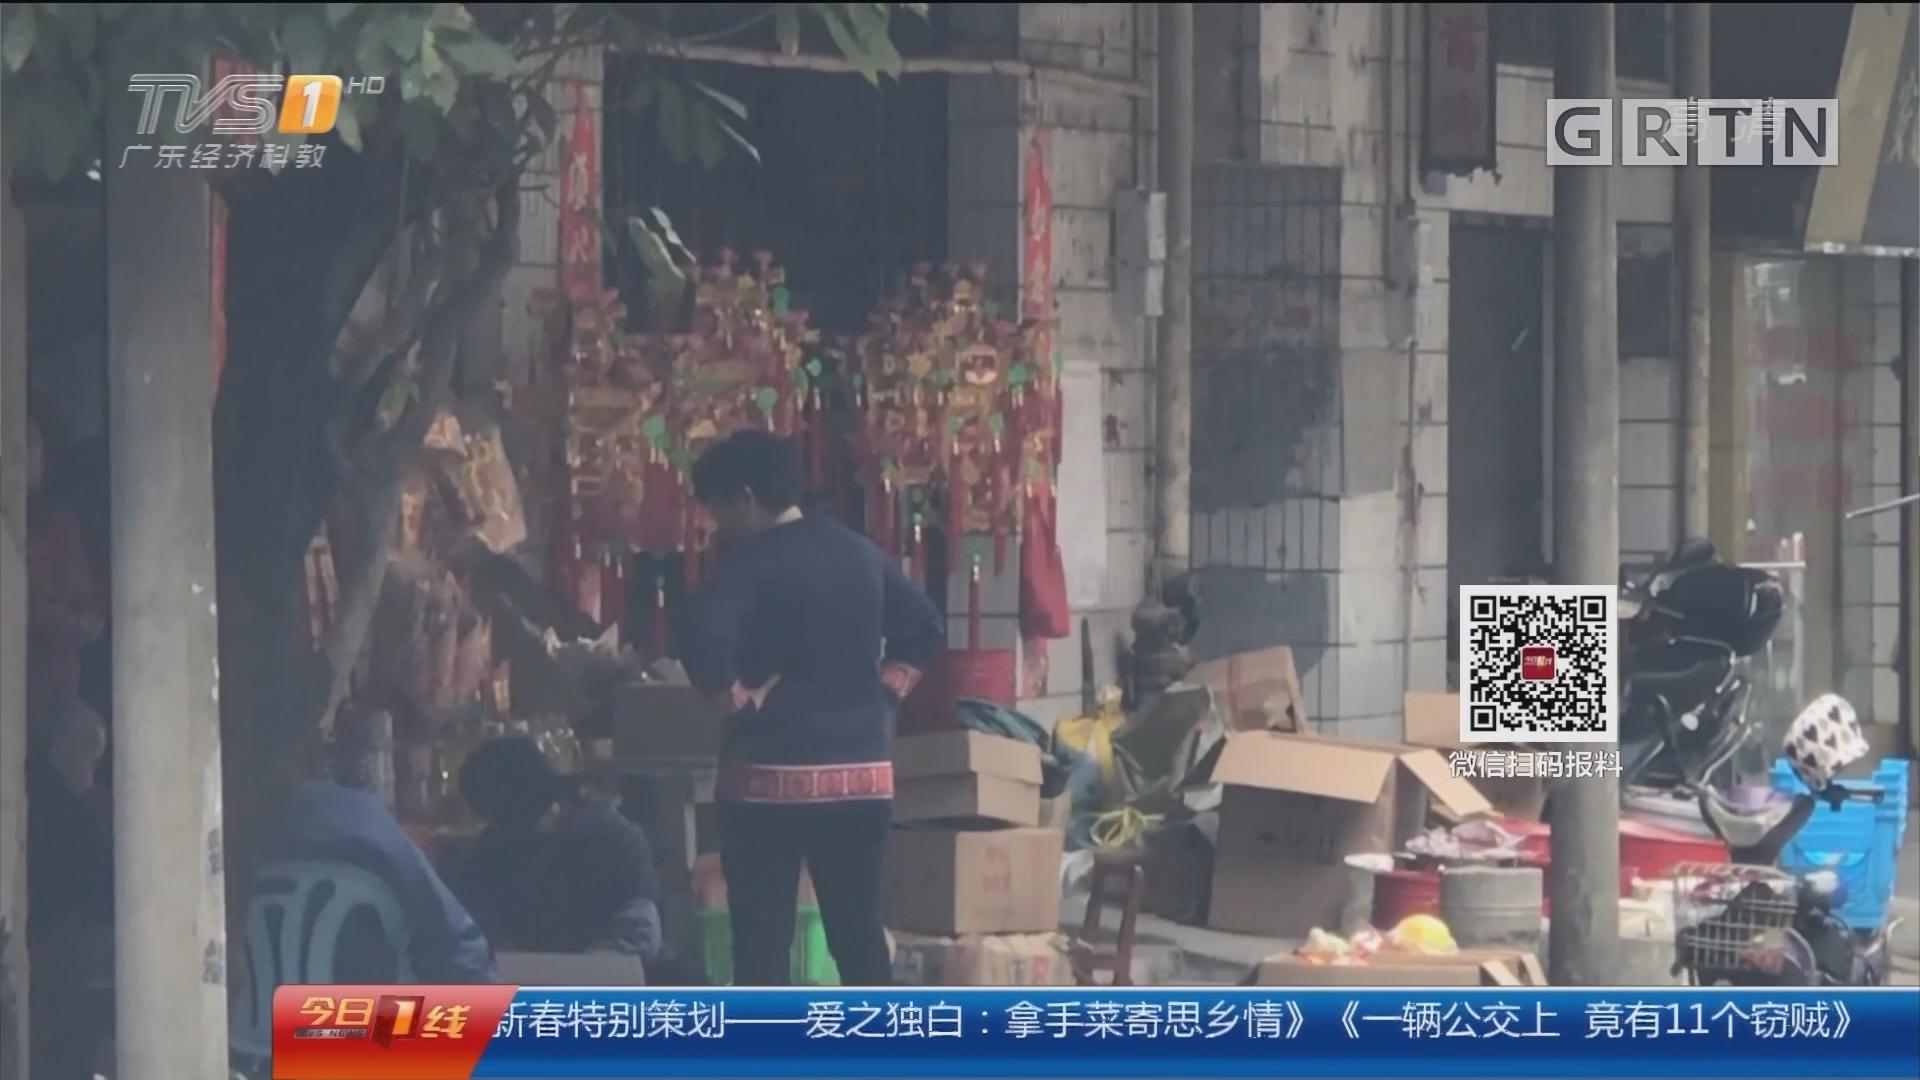 广州白云:百米长巷暗藏鞭炮街 烟花爆竹偷偷卖